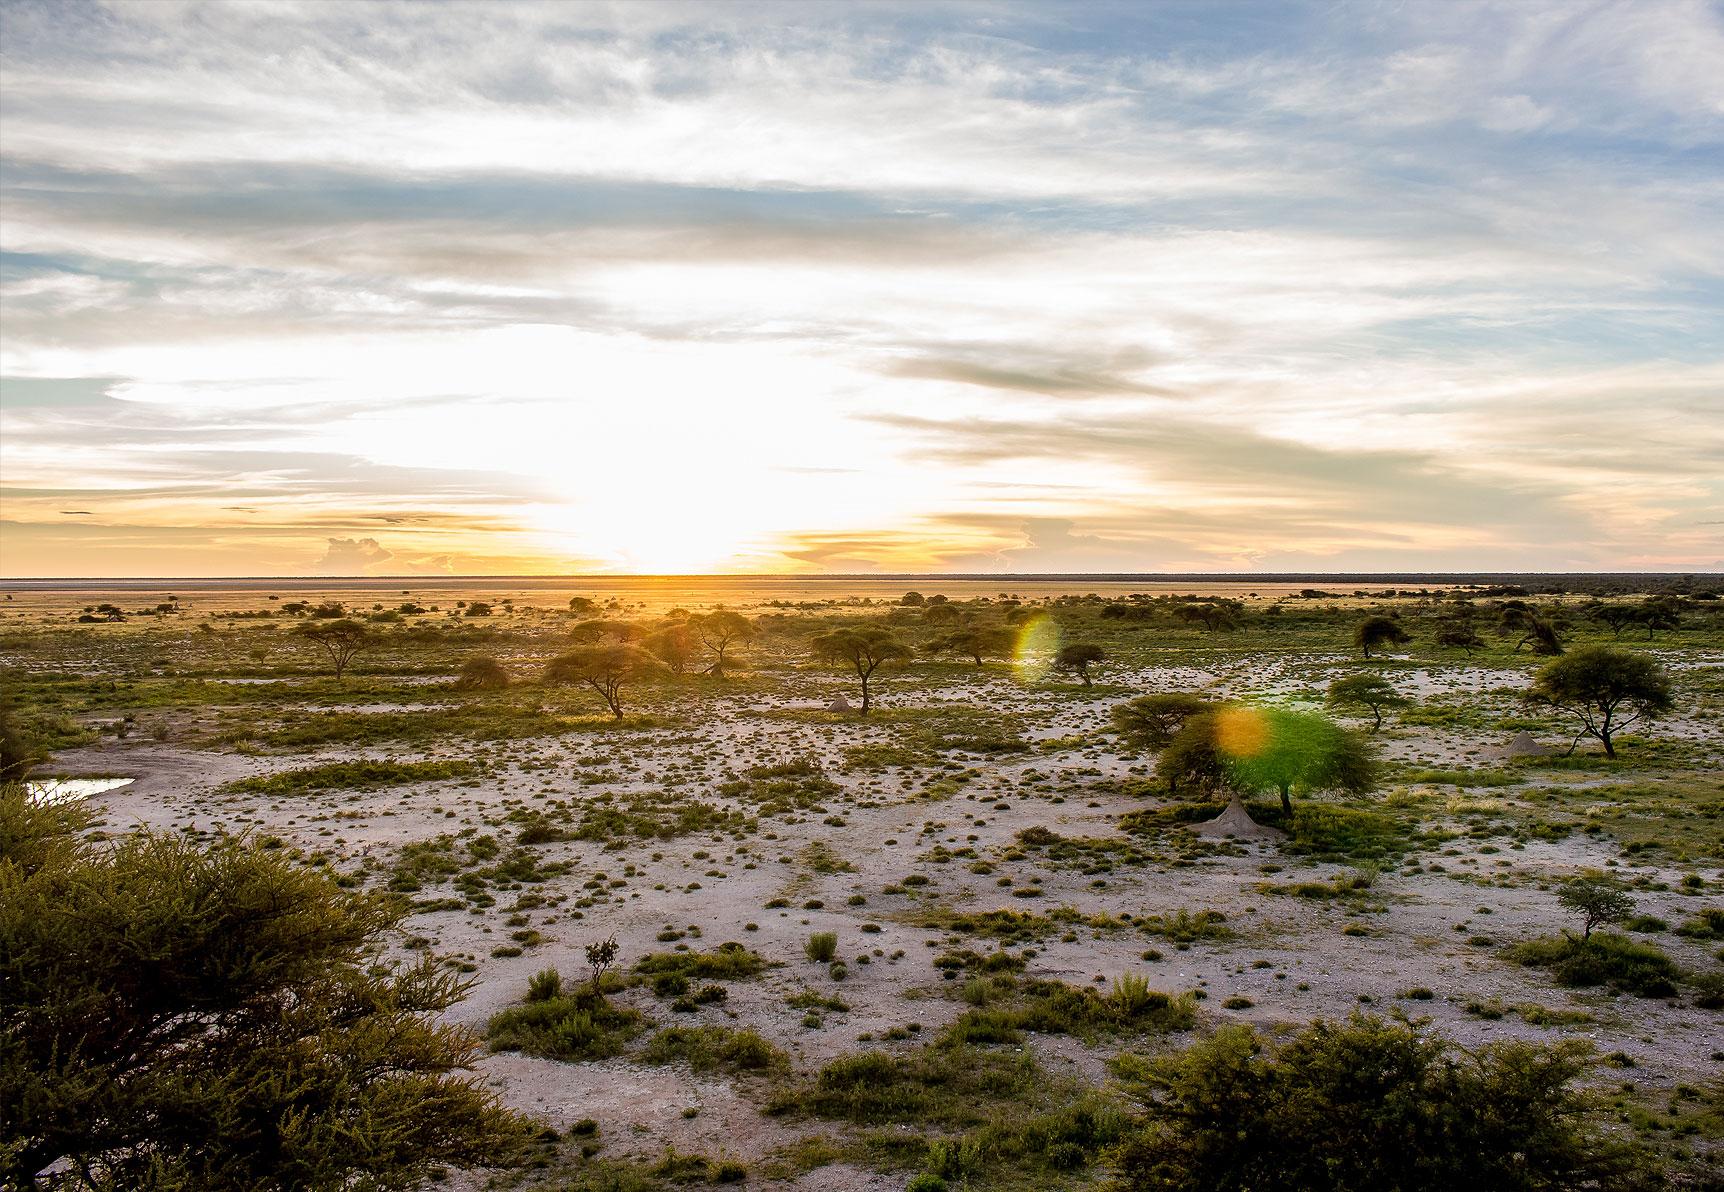 Etosha National Park inline image 5cb5987d747fa